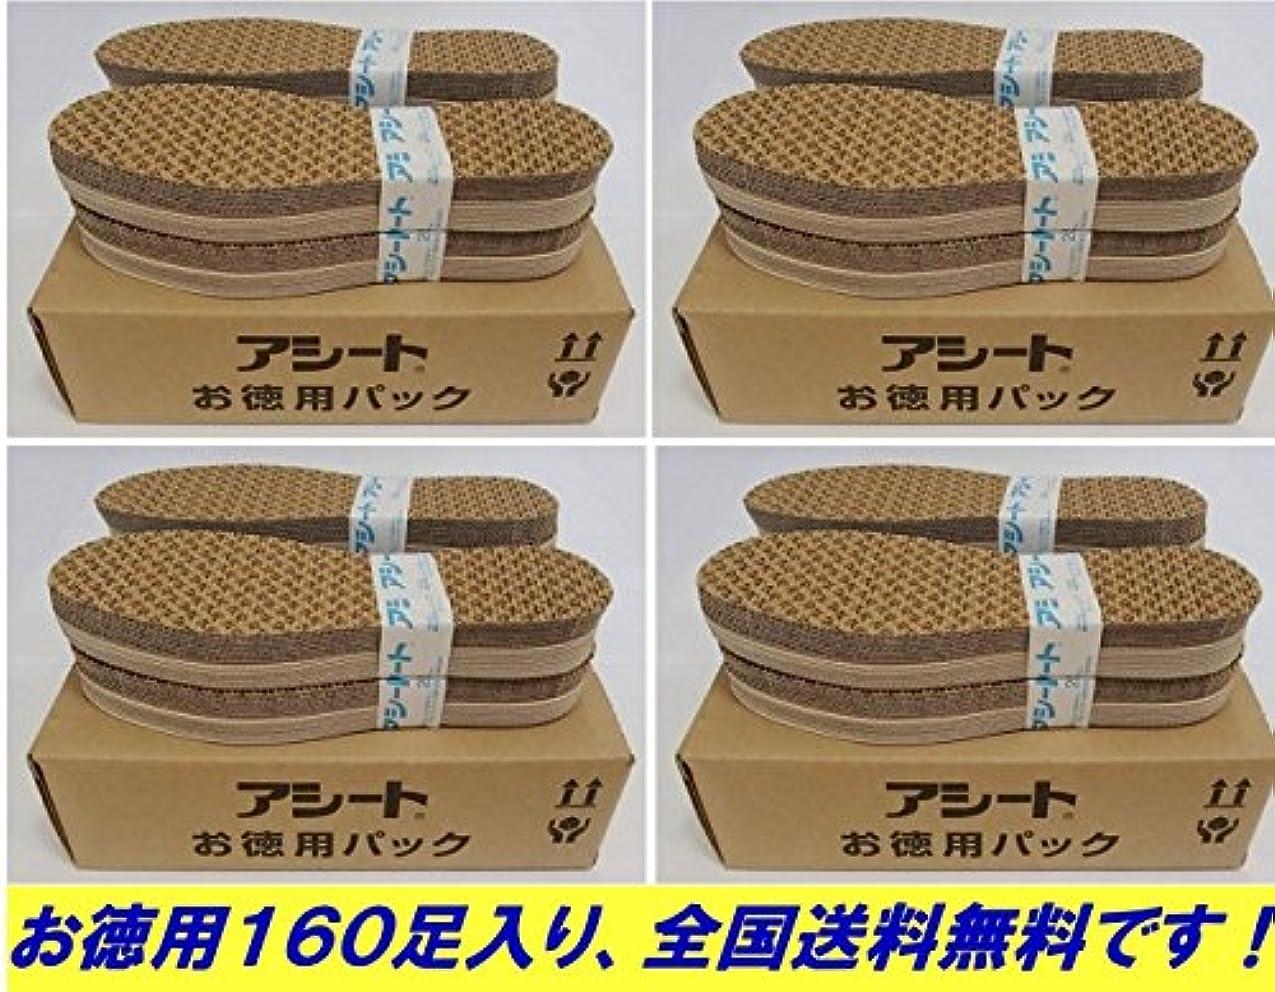 バケツスキル瞑想的アシートOタイプ40足入お徳用4パックの160足セット (27.5~28cm 男性靴用)